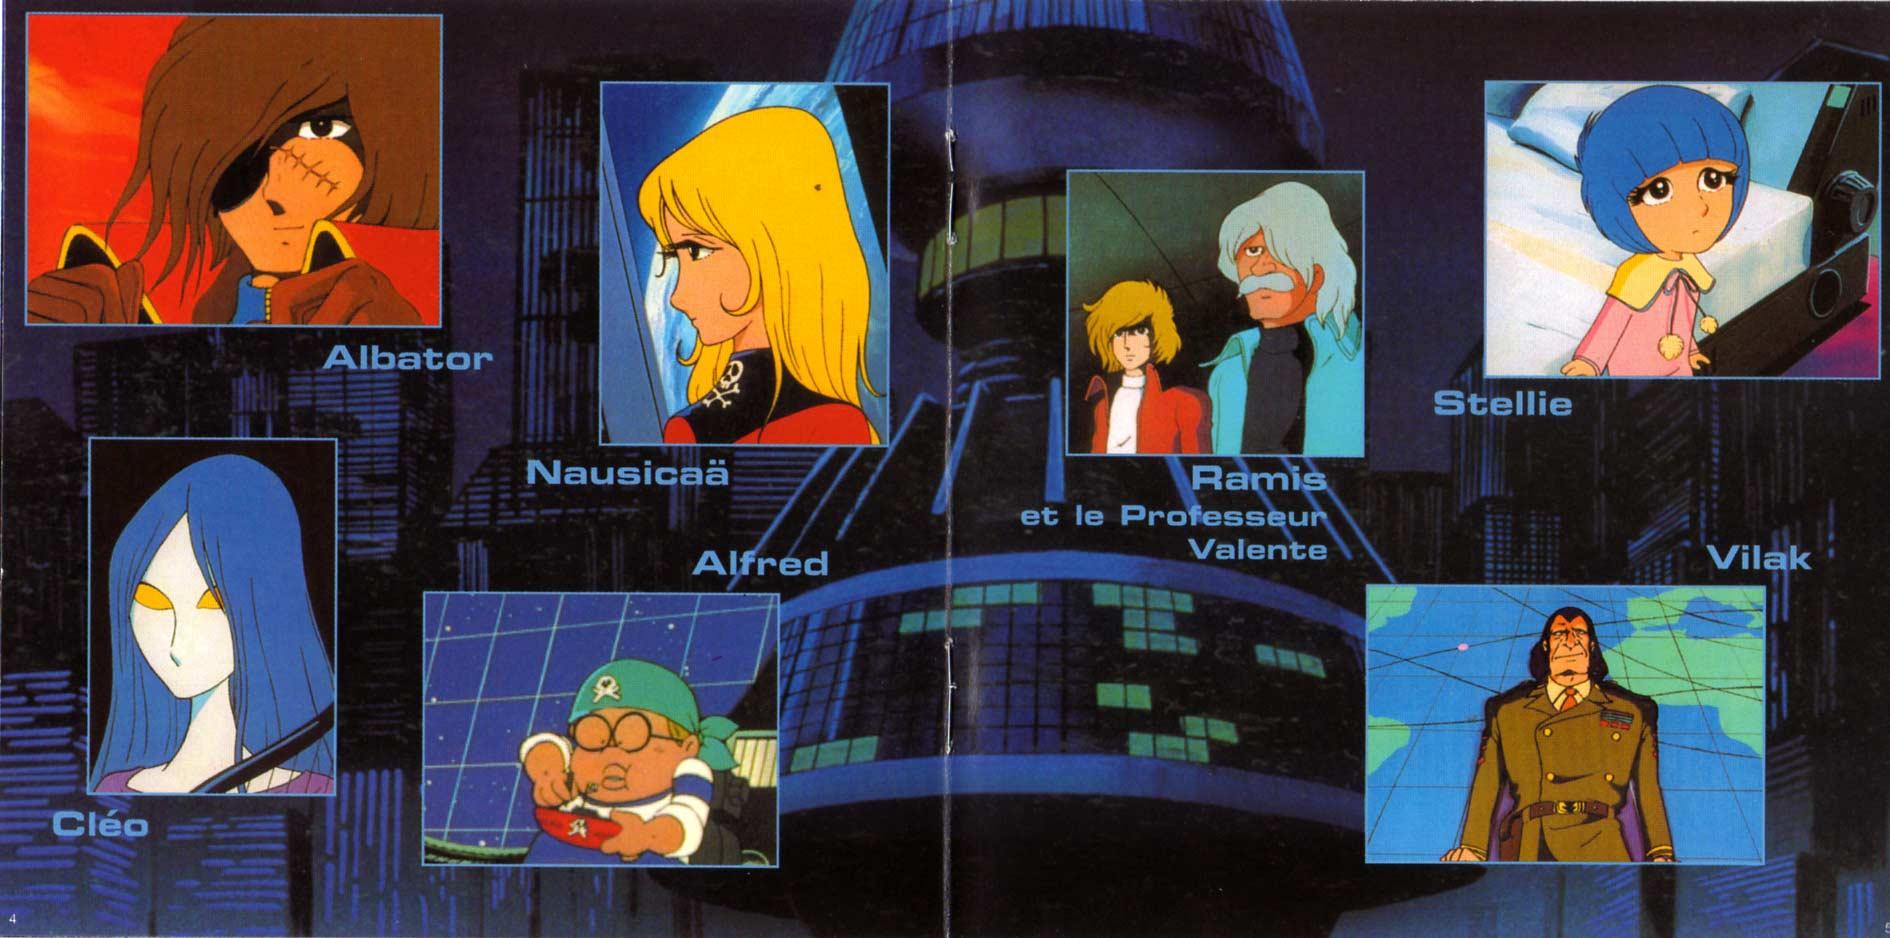 au milieu du livret,une double page présente les principaux personnages. C'est relativement inintéressant.